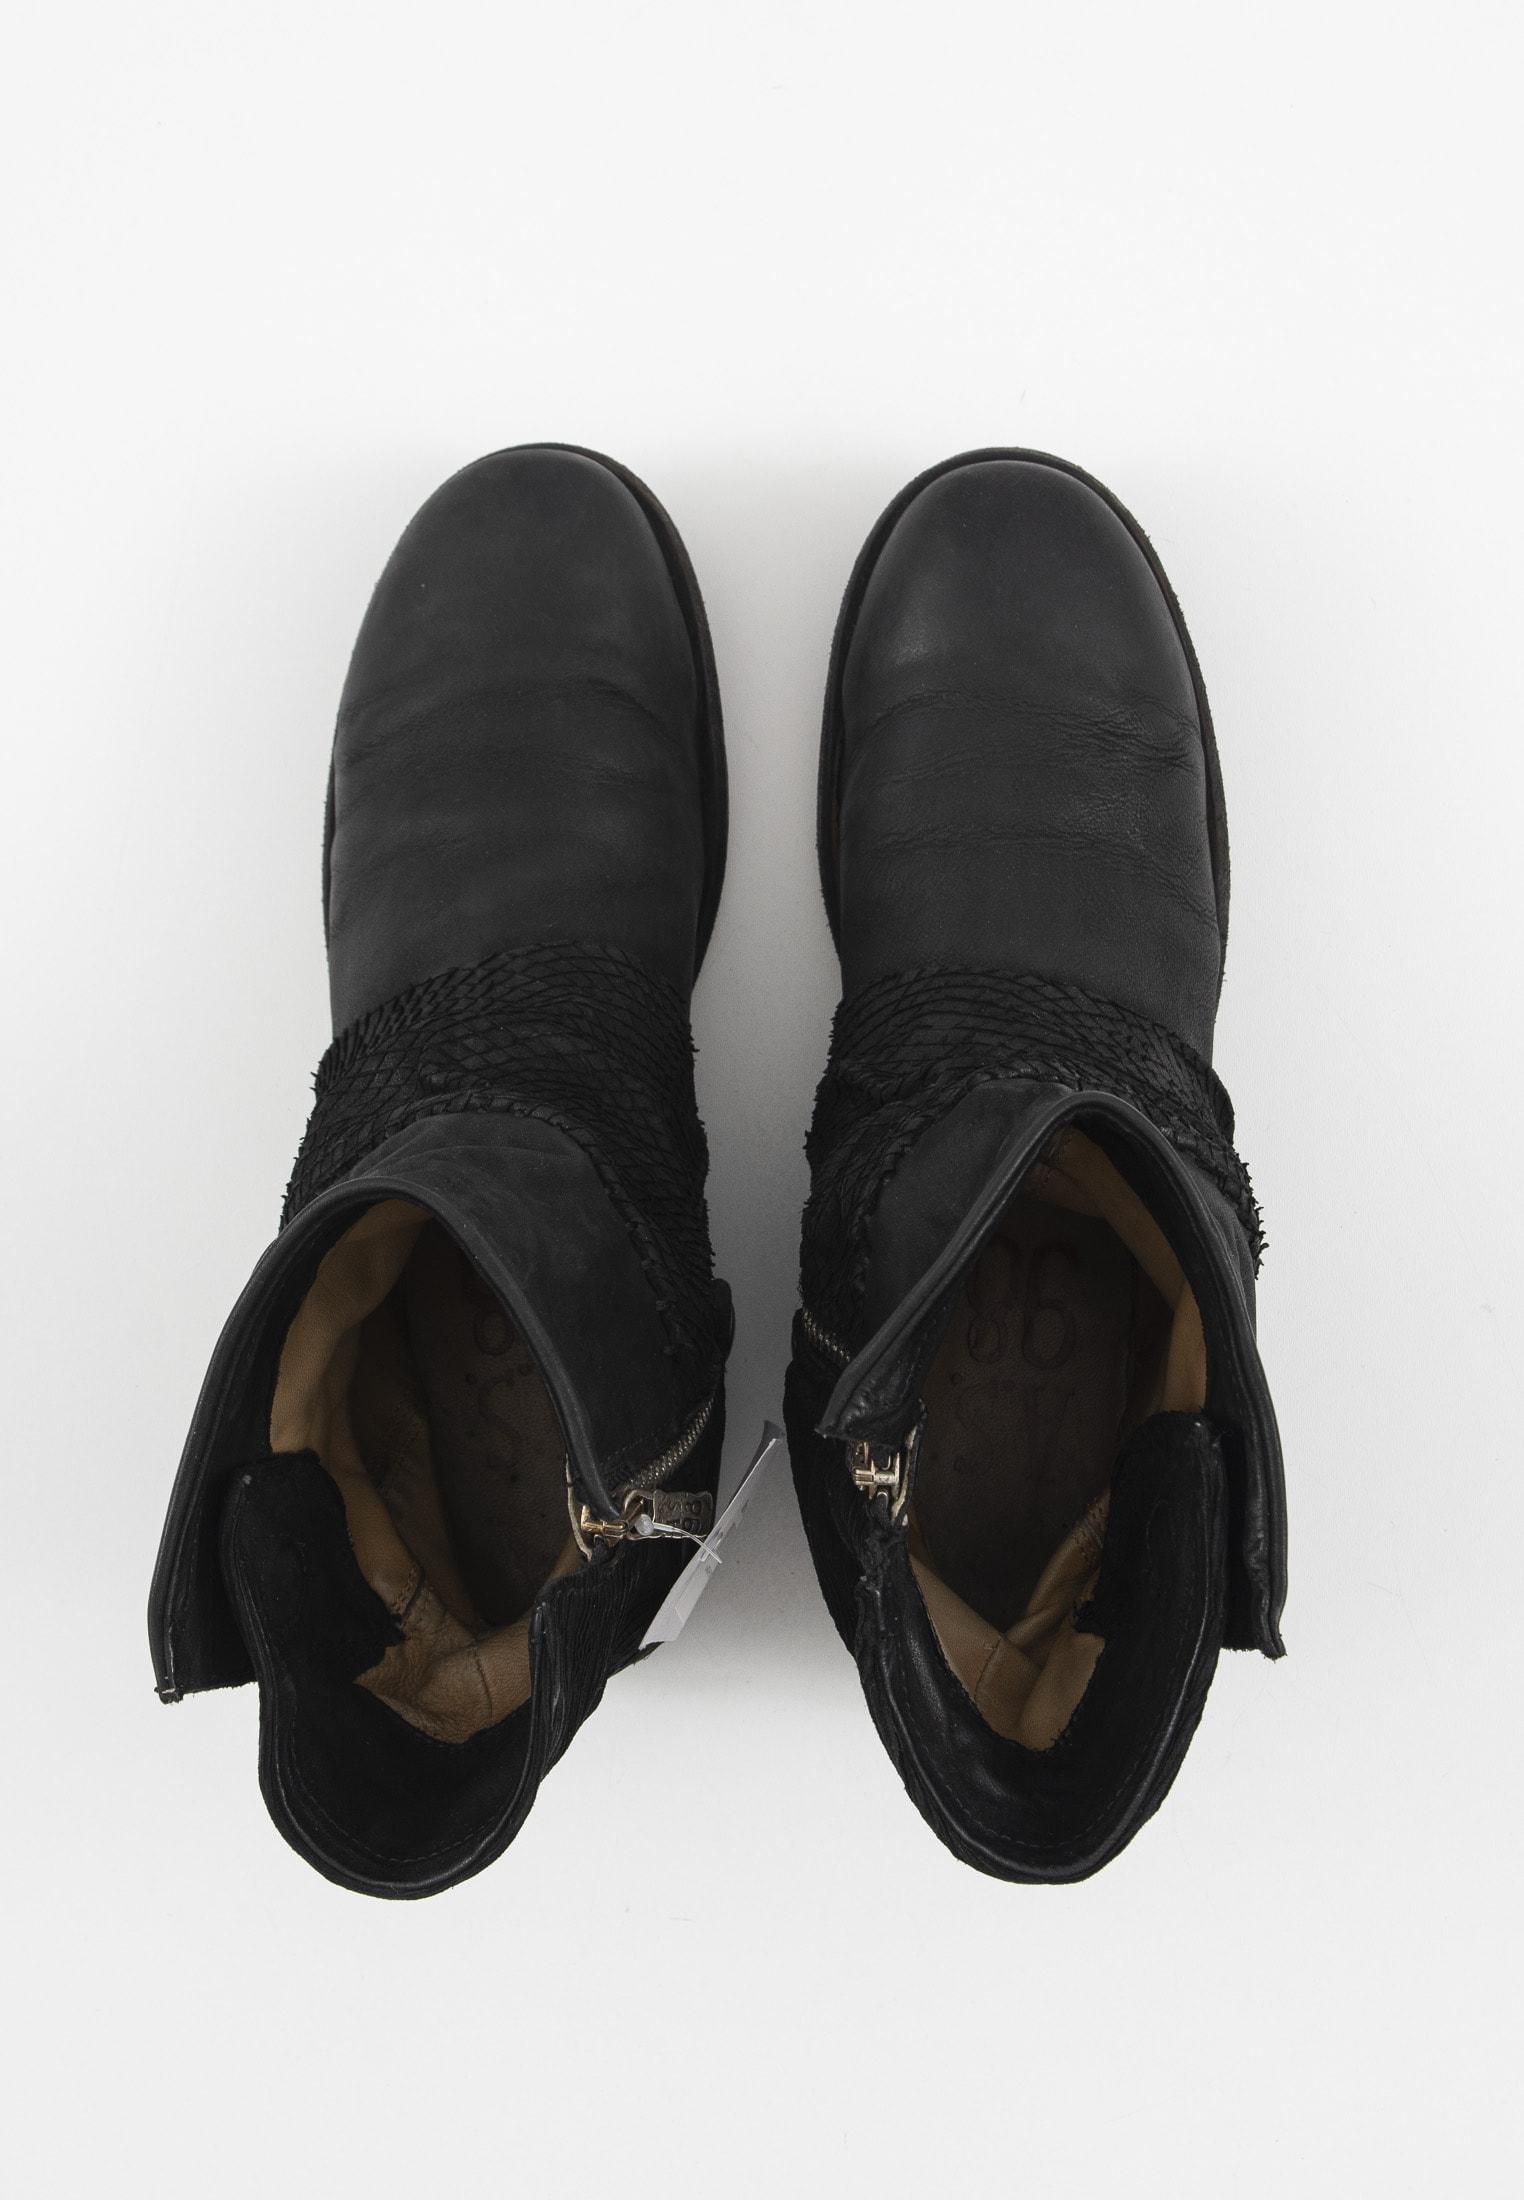 A.S.98 Stiefel / Stiefelette / Boots Schwarz Gr.41